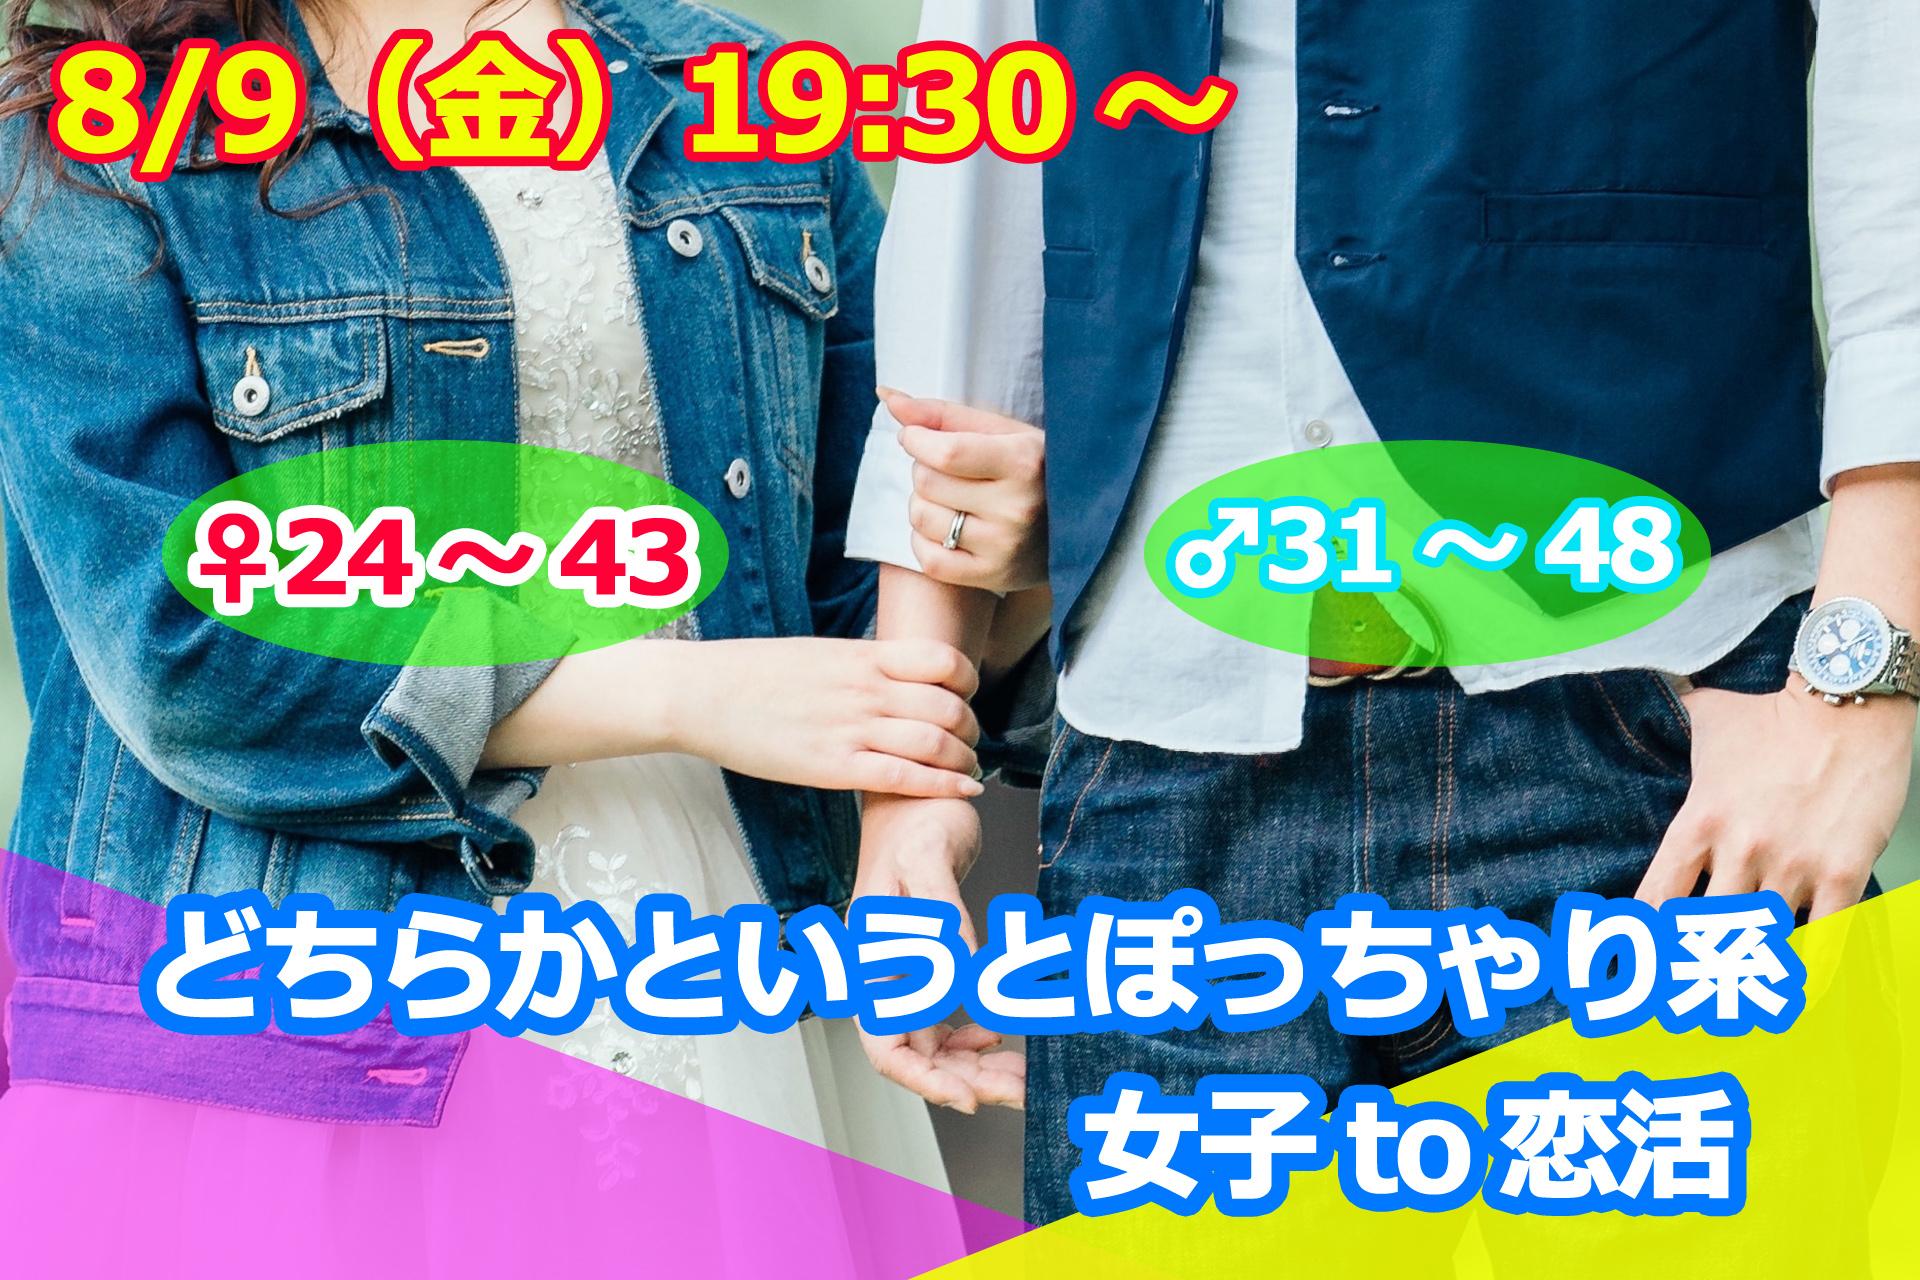 【終了】8月9日(金)19時30分~【男性31~48歳,女性24~43歳限定】どちらかというとぽっちゃり系女子 to 恋活!